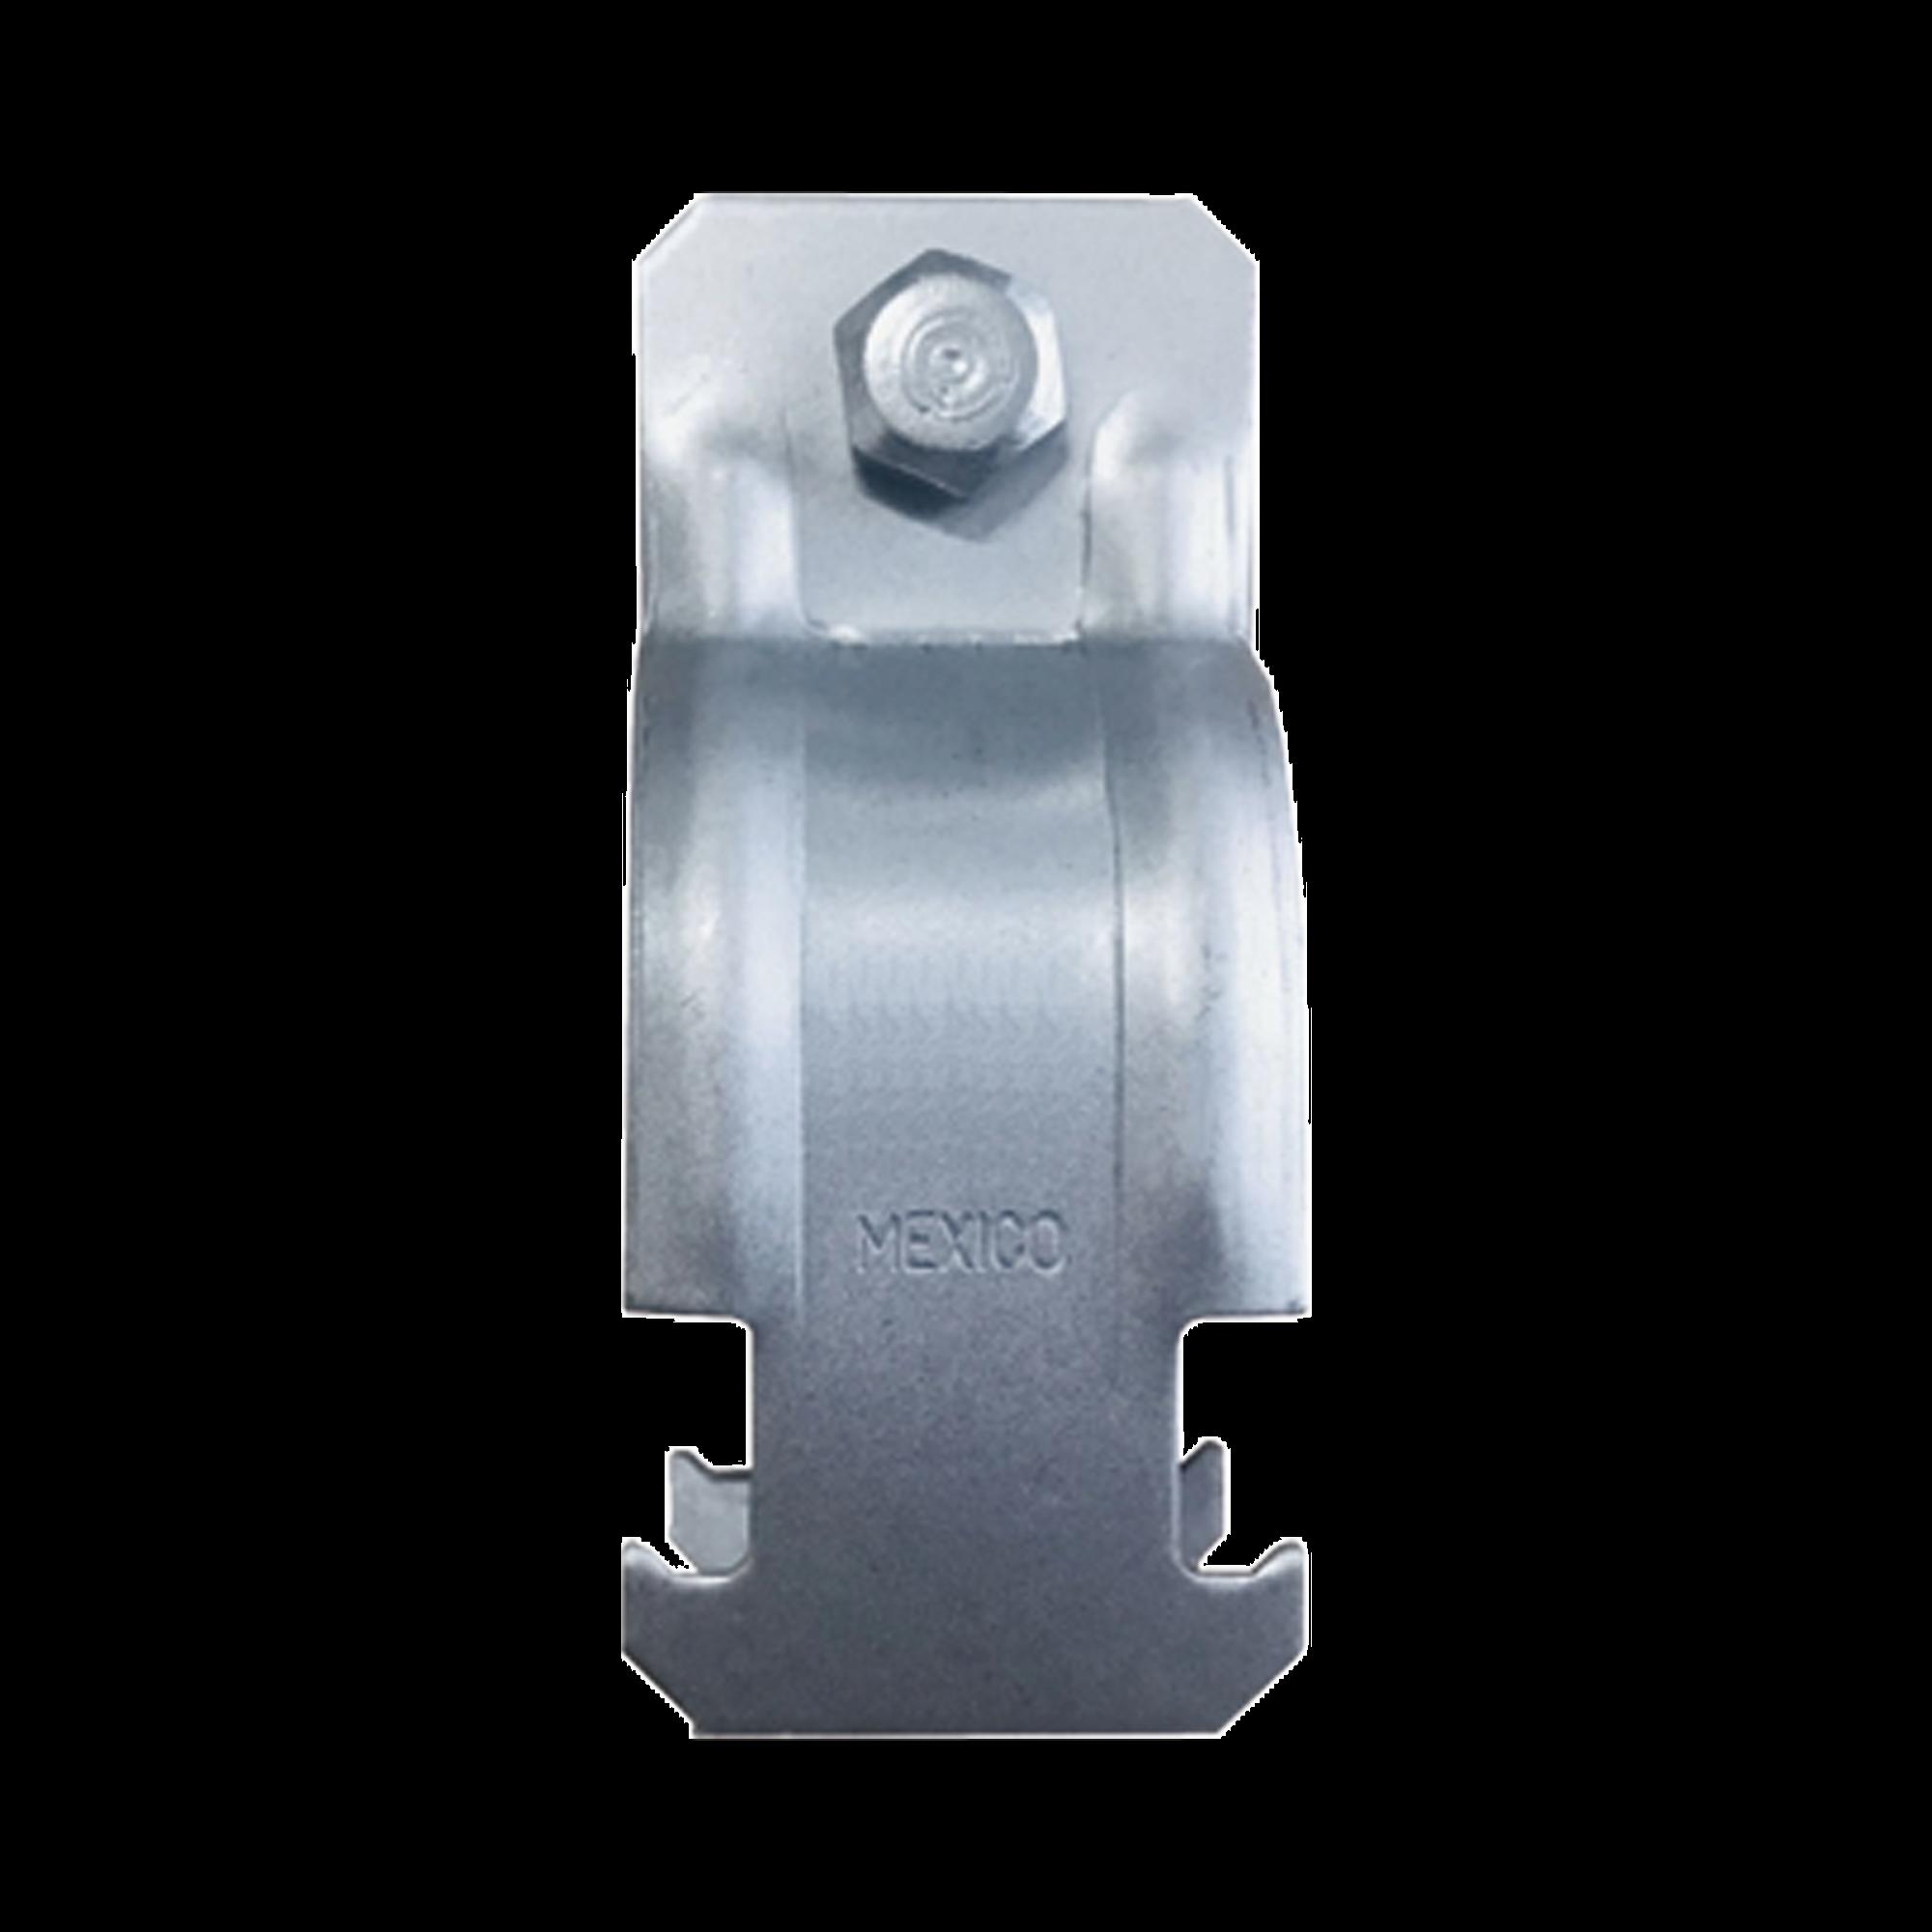 Abrazadera para Unicanal para Tubo Conduit de 3/4 (19 mm).